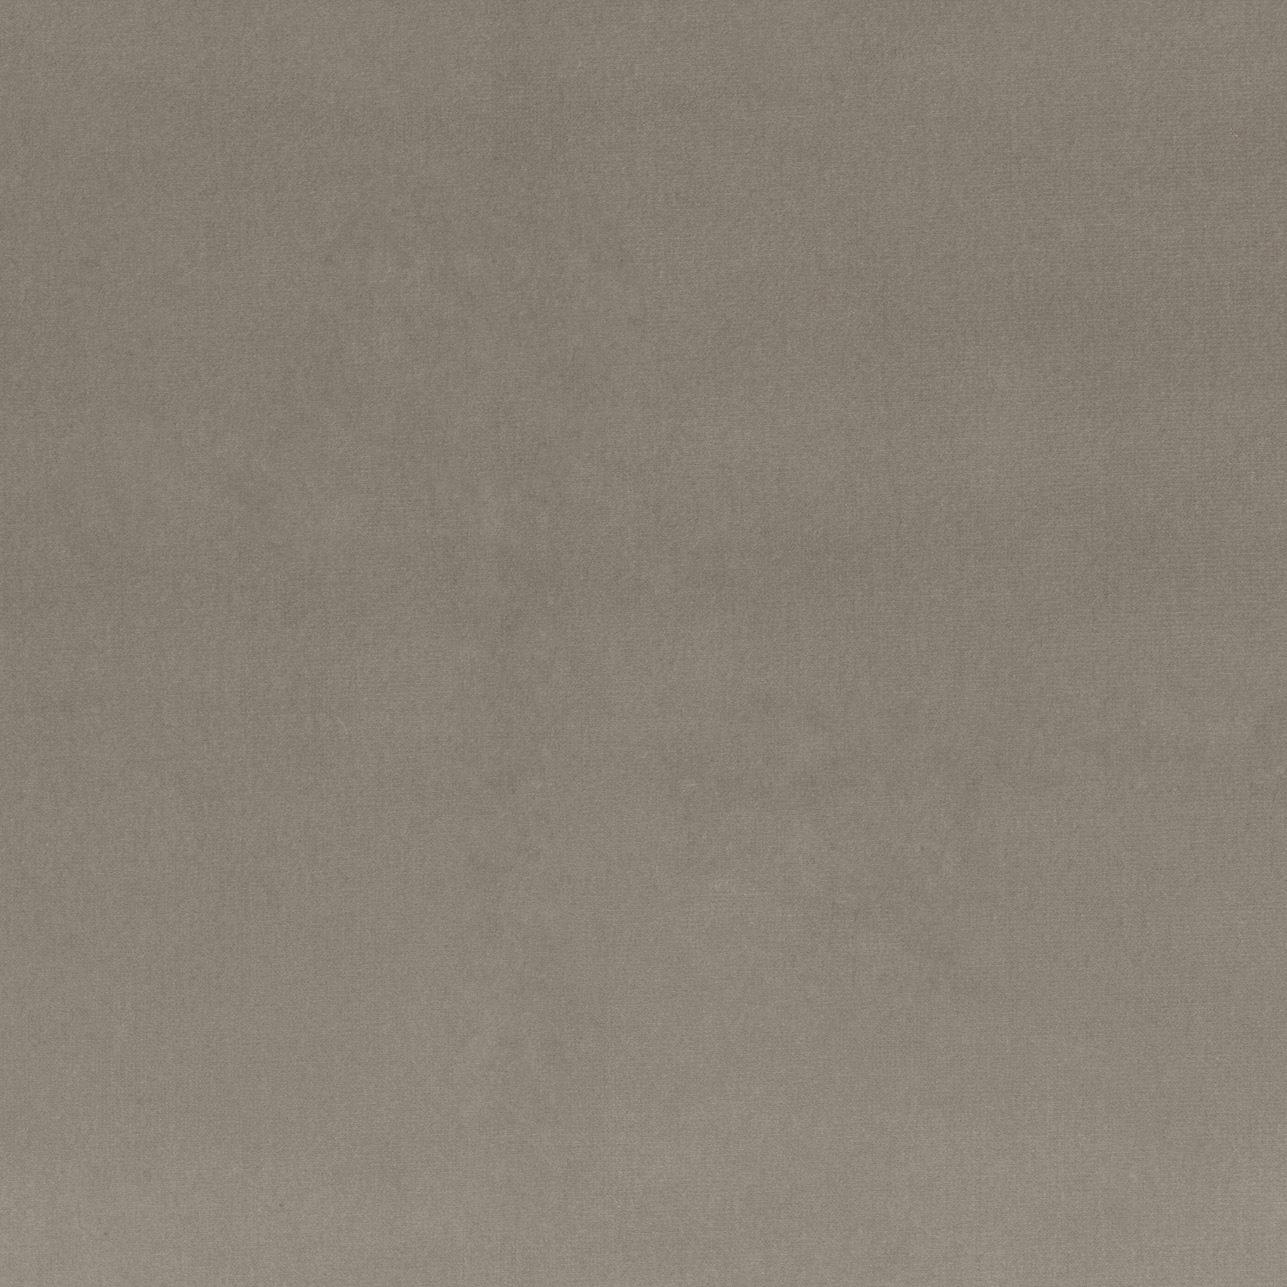 EXCL. Lario grey